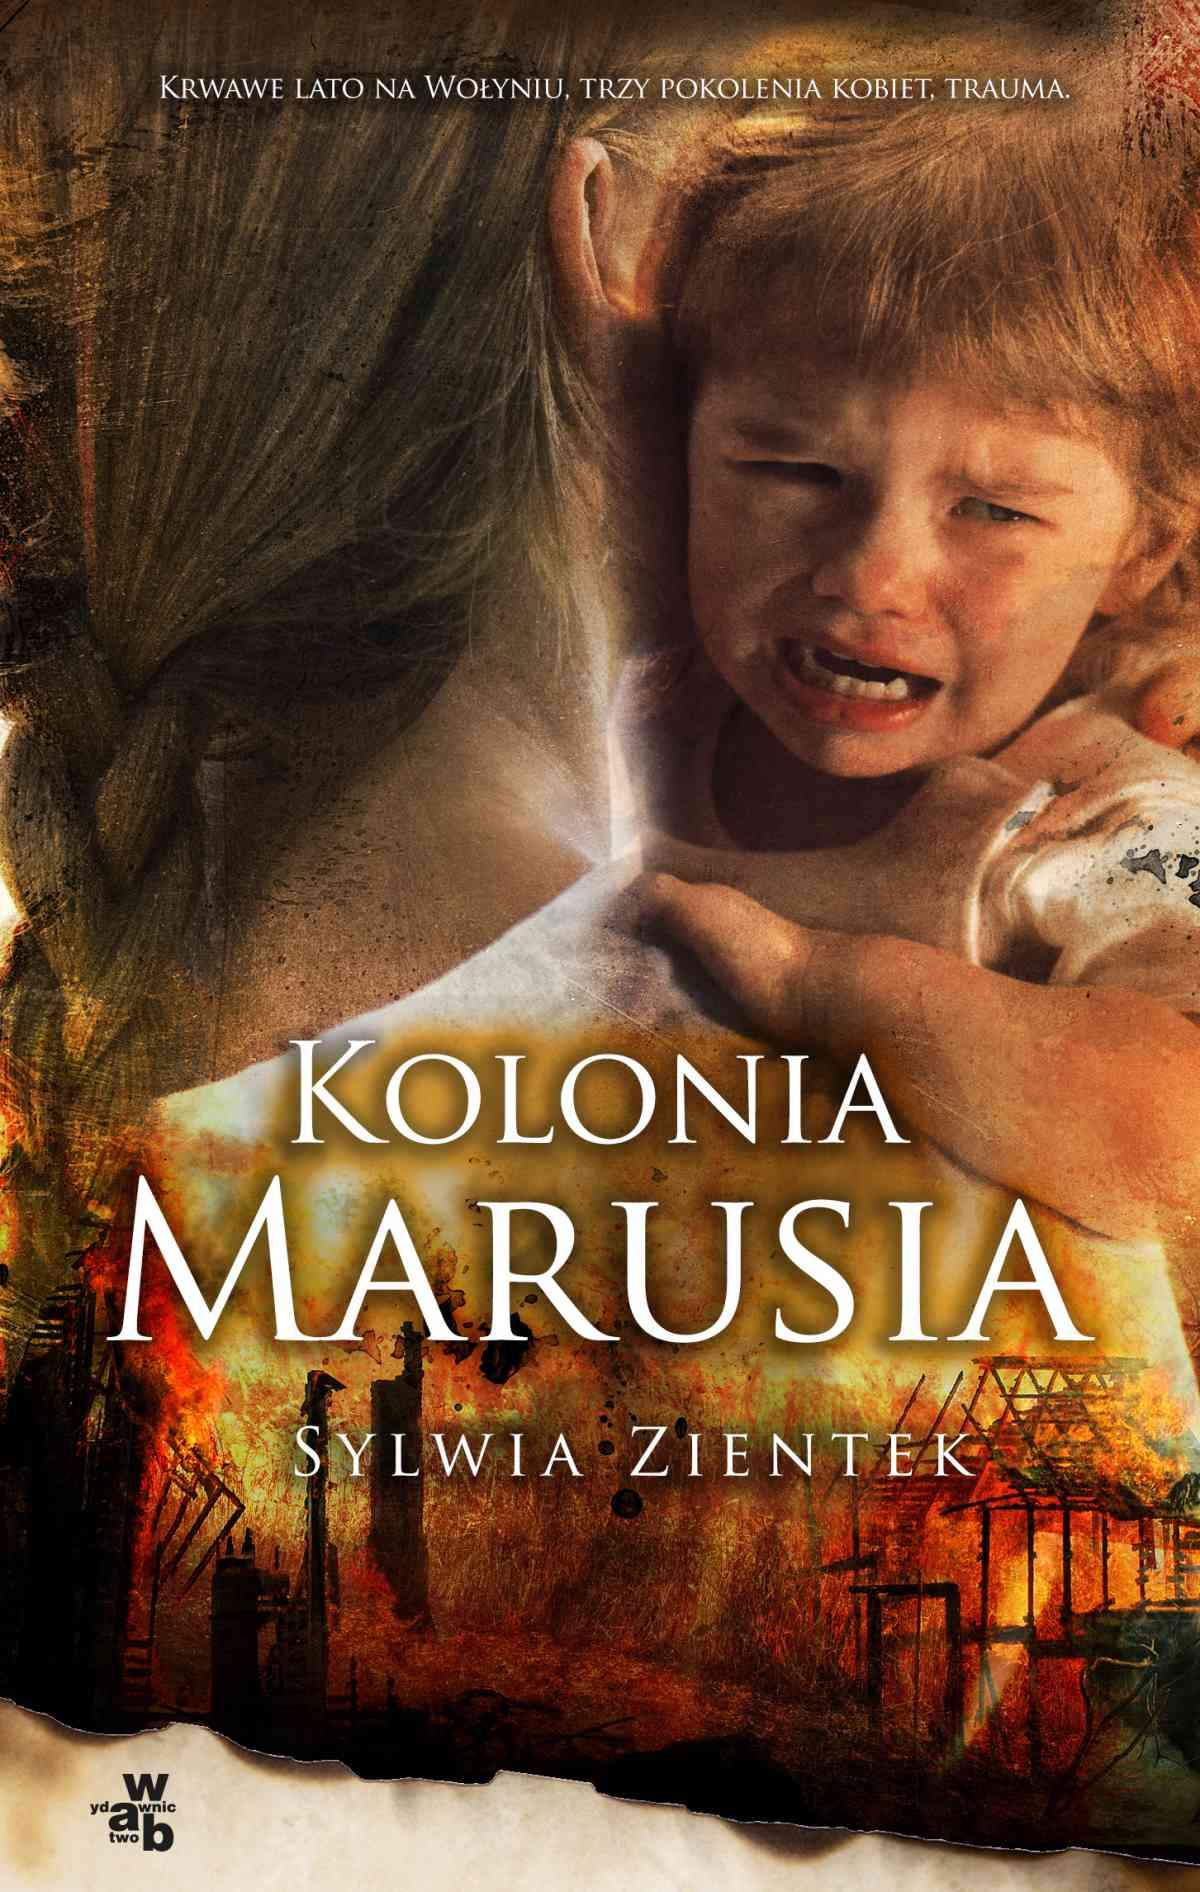 Kolonia Marusia - Ebook (Książka EPUB) do pobrania w formacie EPUB